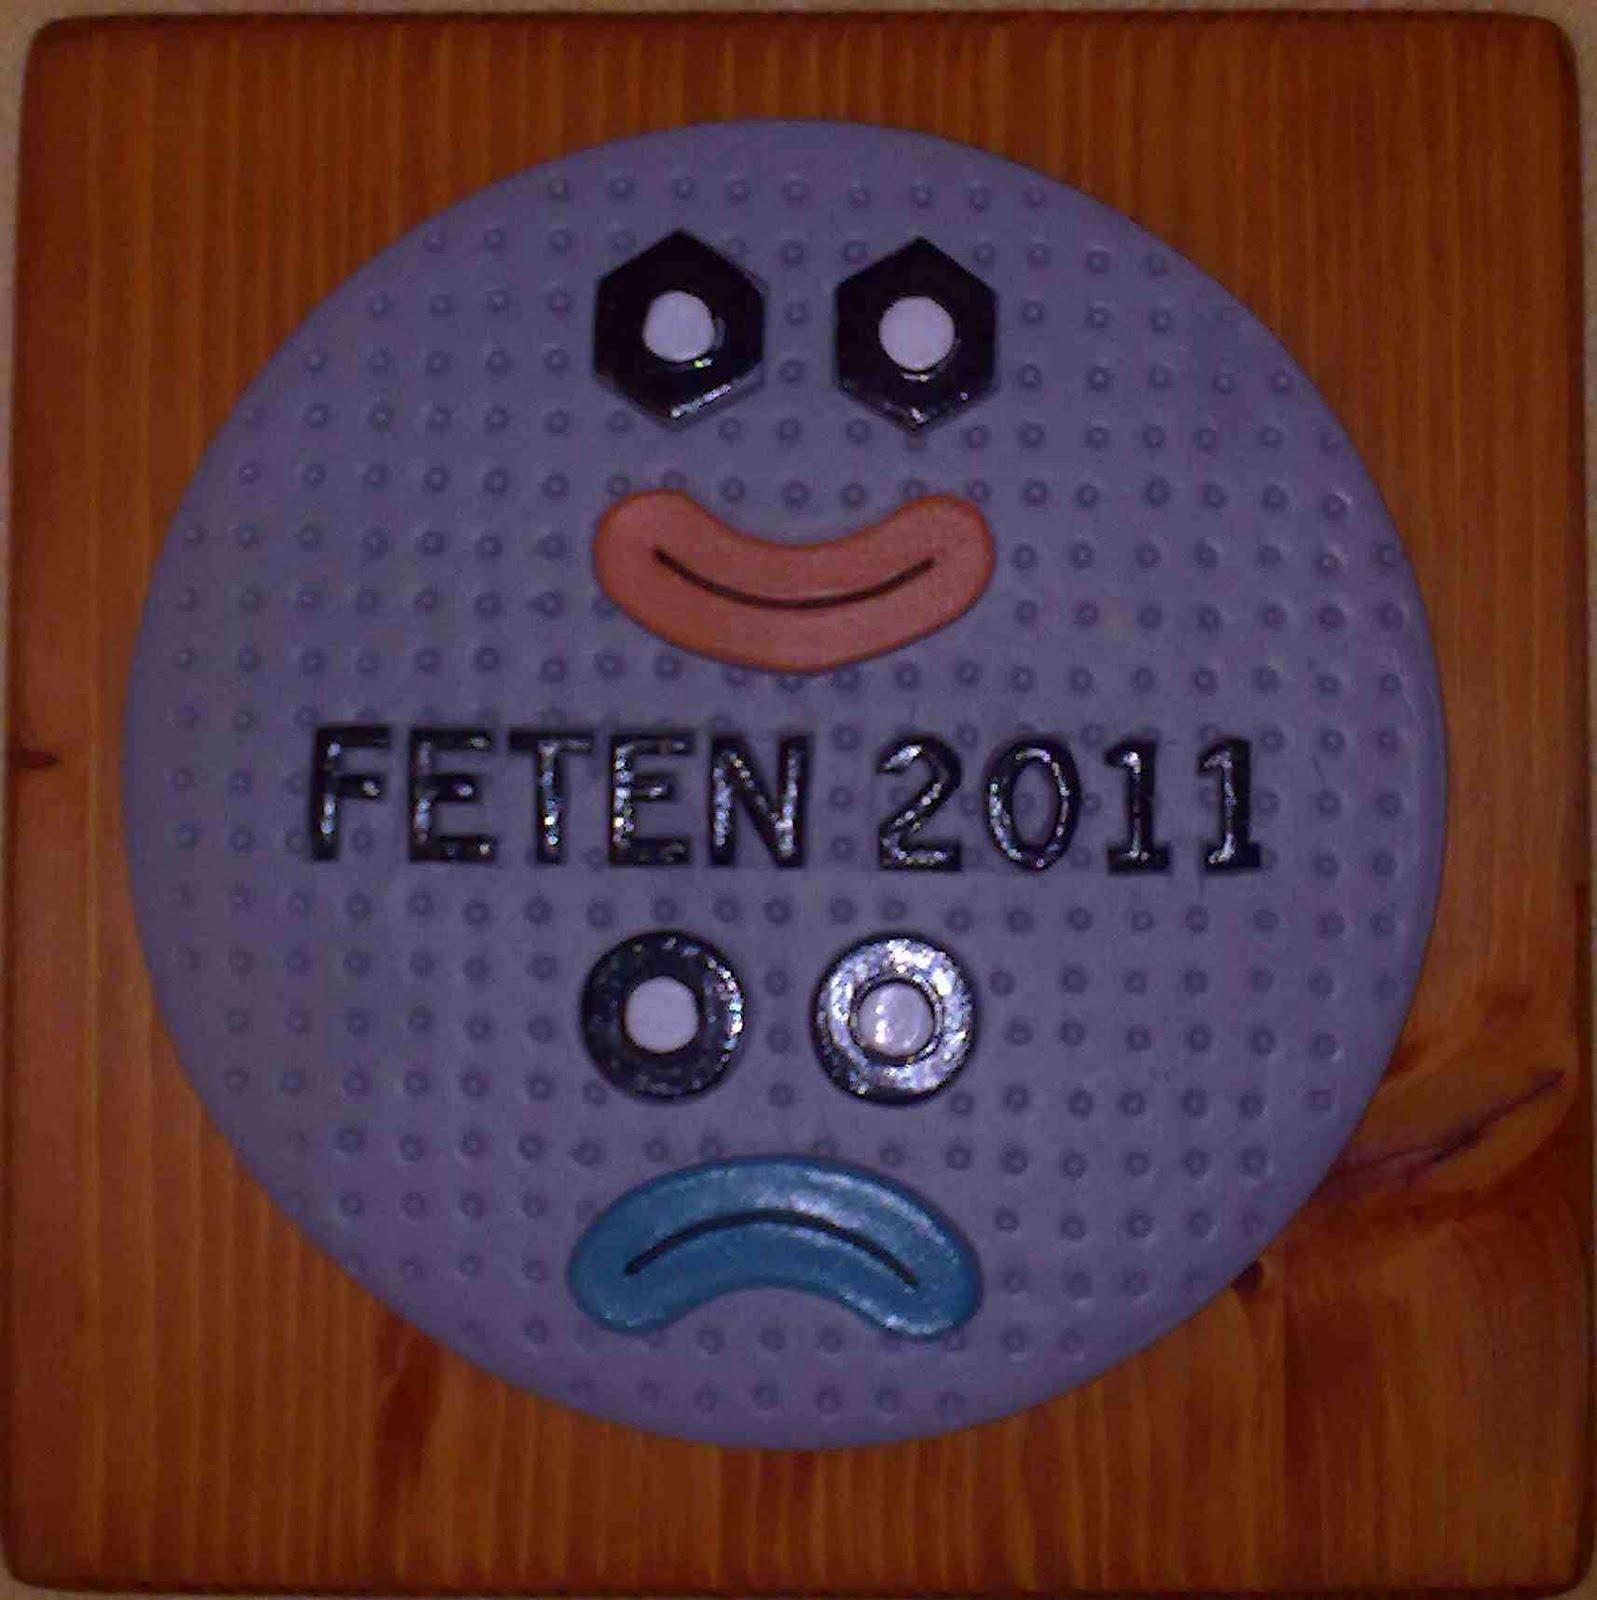 http://3.bp.blogspot.com/-Bhvtrxjr_jQ/TX5juSmRw1I/AAAAAAAABIE/8HoI20sFDXU/s1600/Premio%2Bfeten%2B2011%2Bweb.jpg